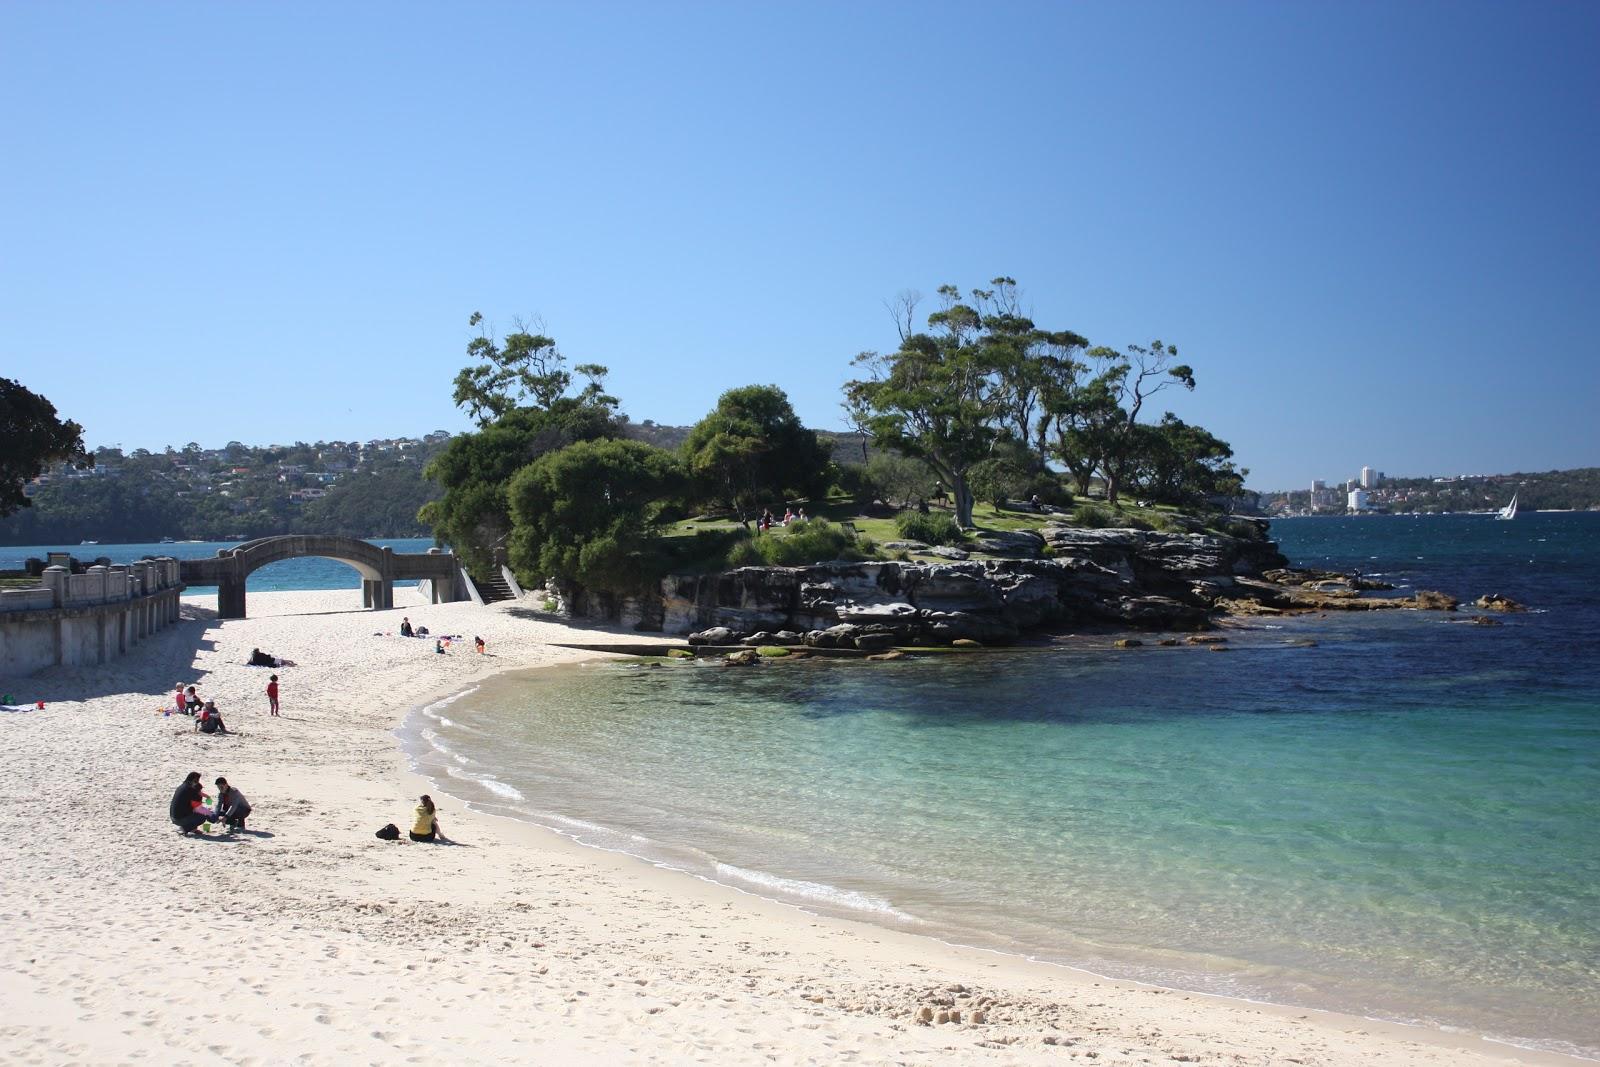 City To Balmoral Beach